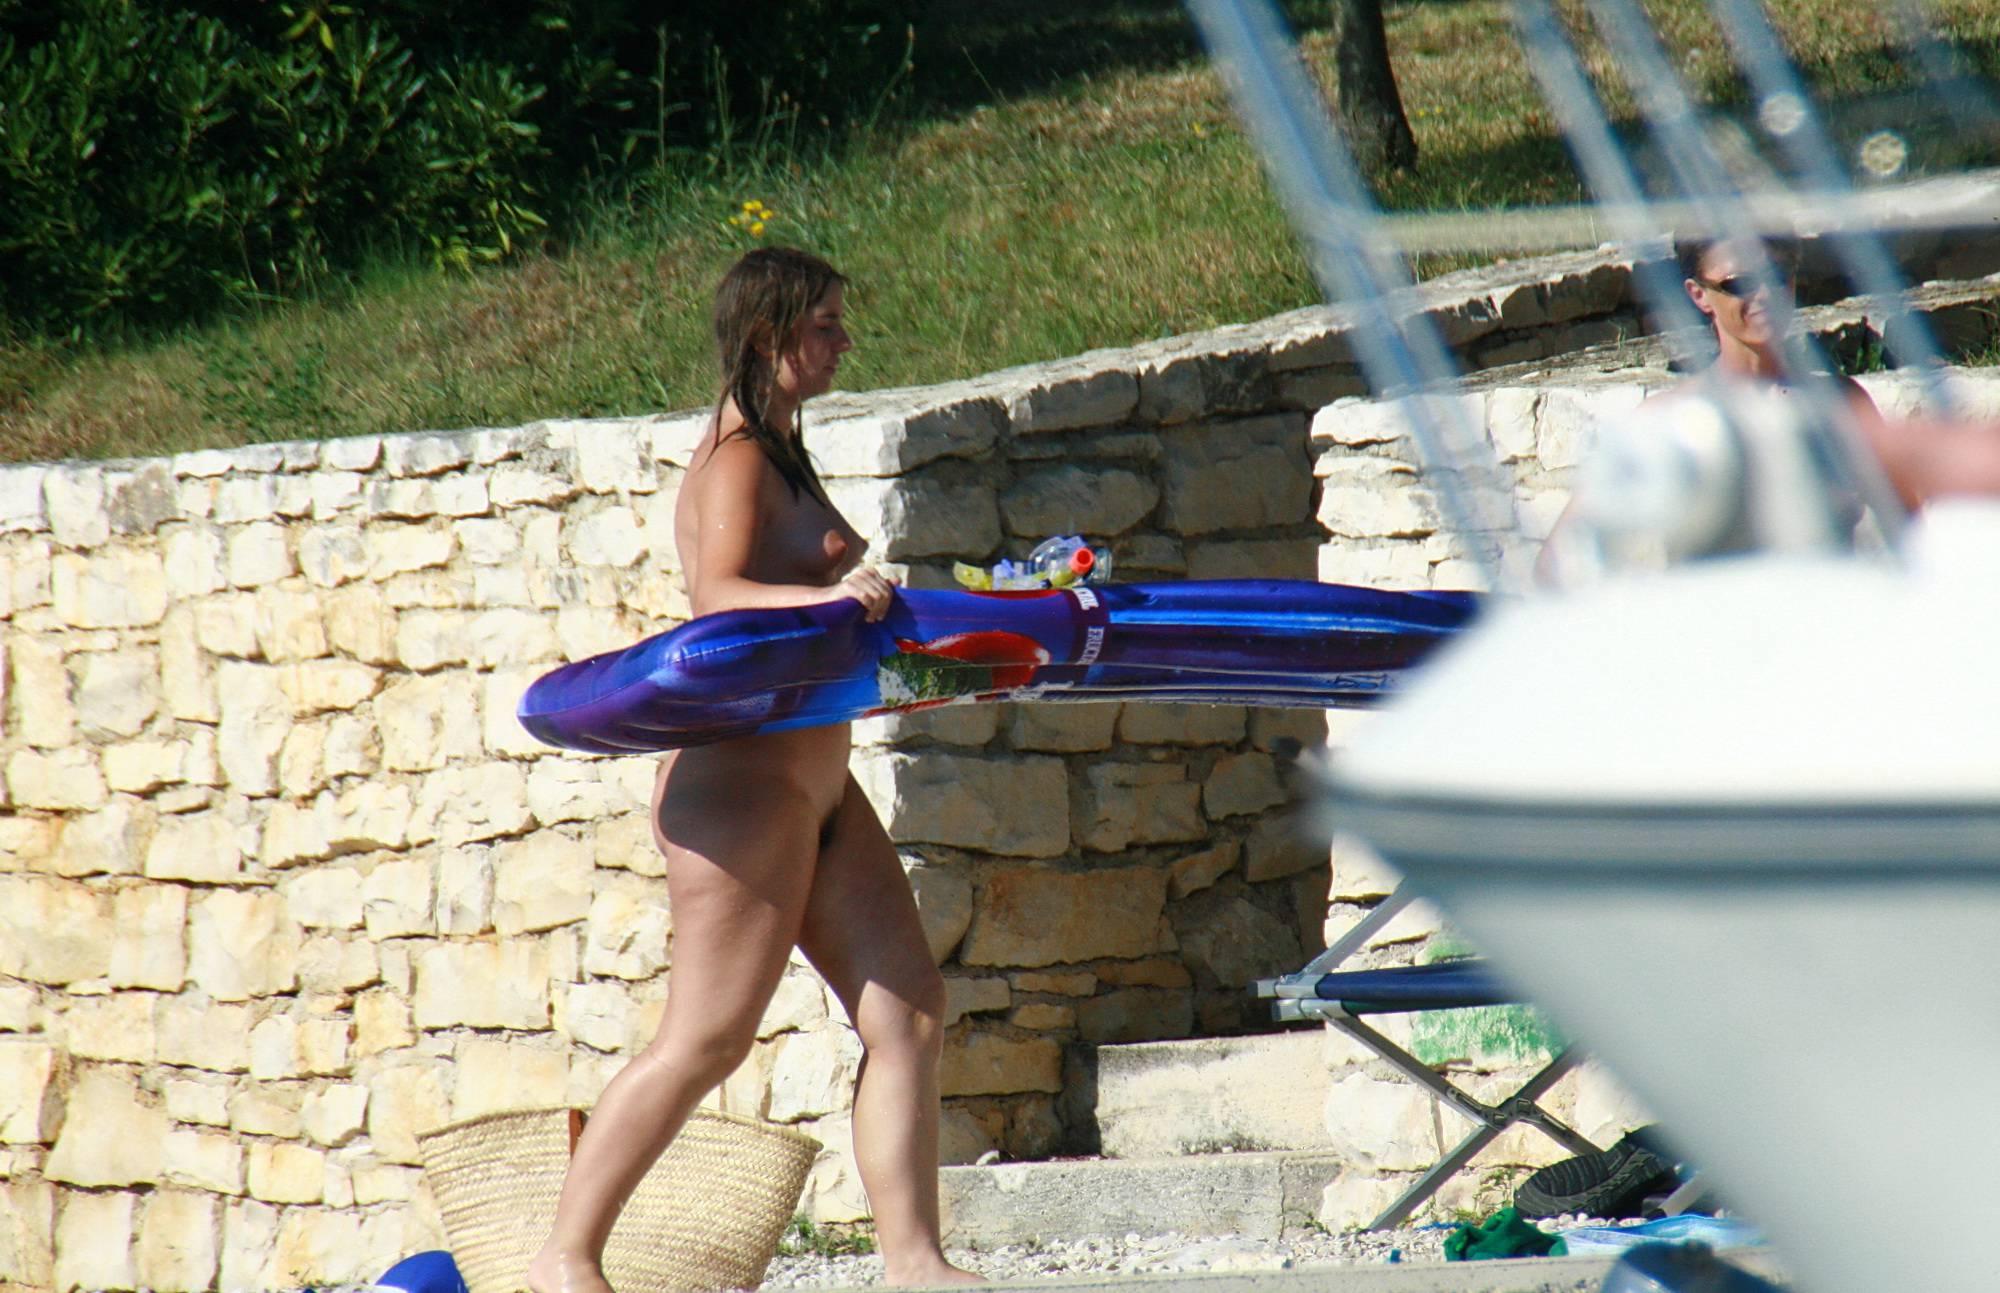 Nudist Gallery Outdoor Family Resort - 2